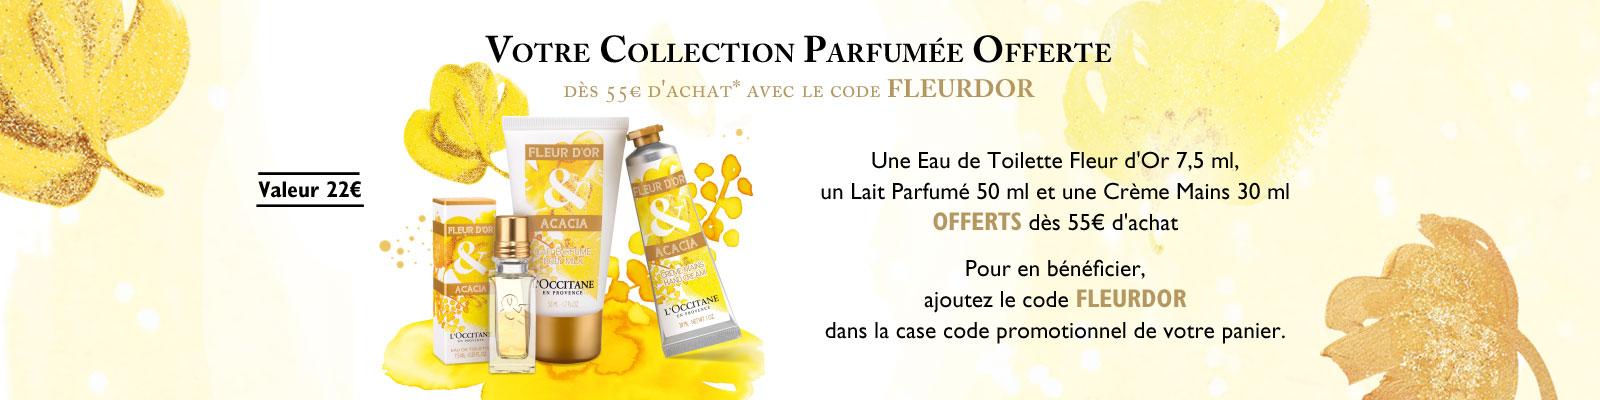 Offre Noel Fleur d'Or - L'OCCITANE BELGIQUE